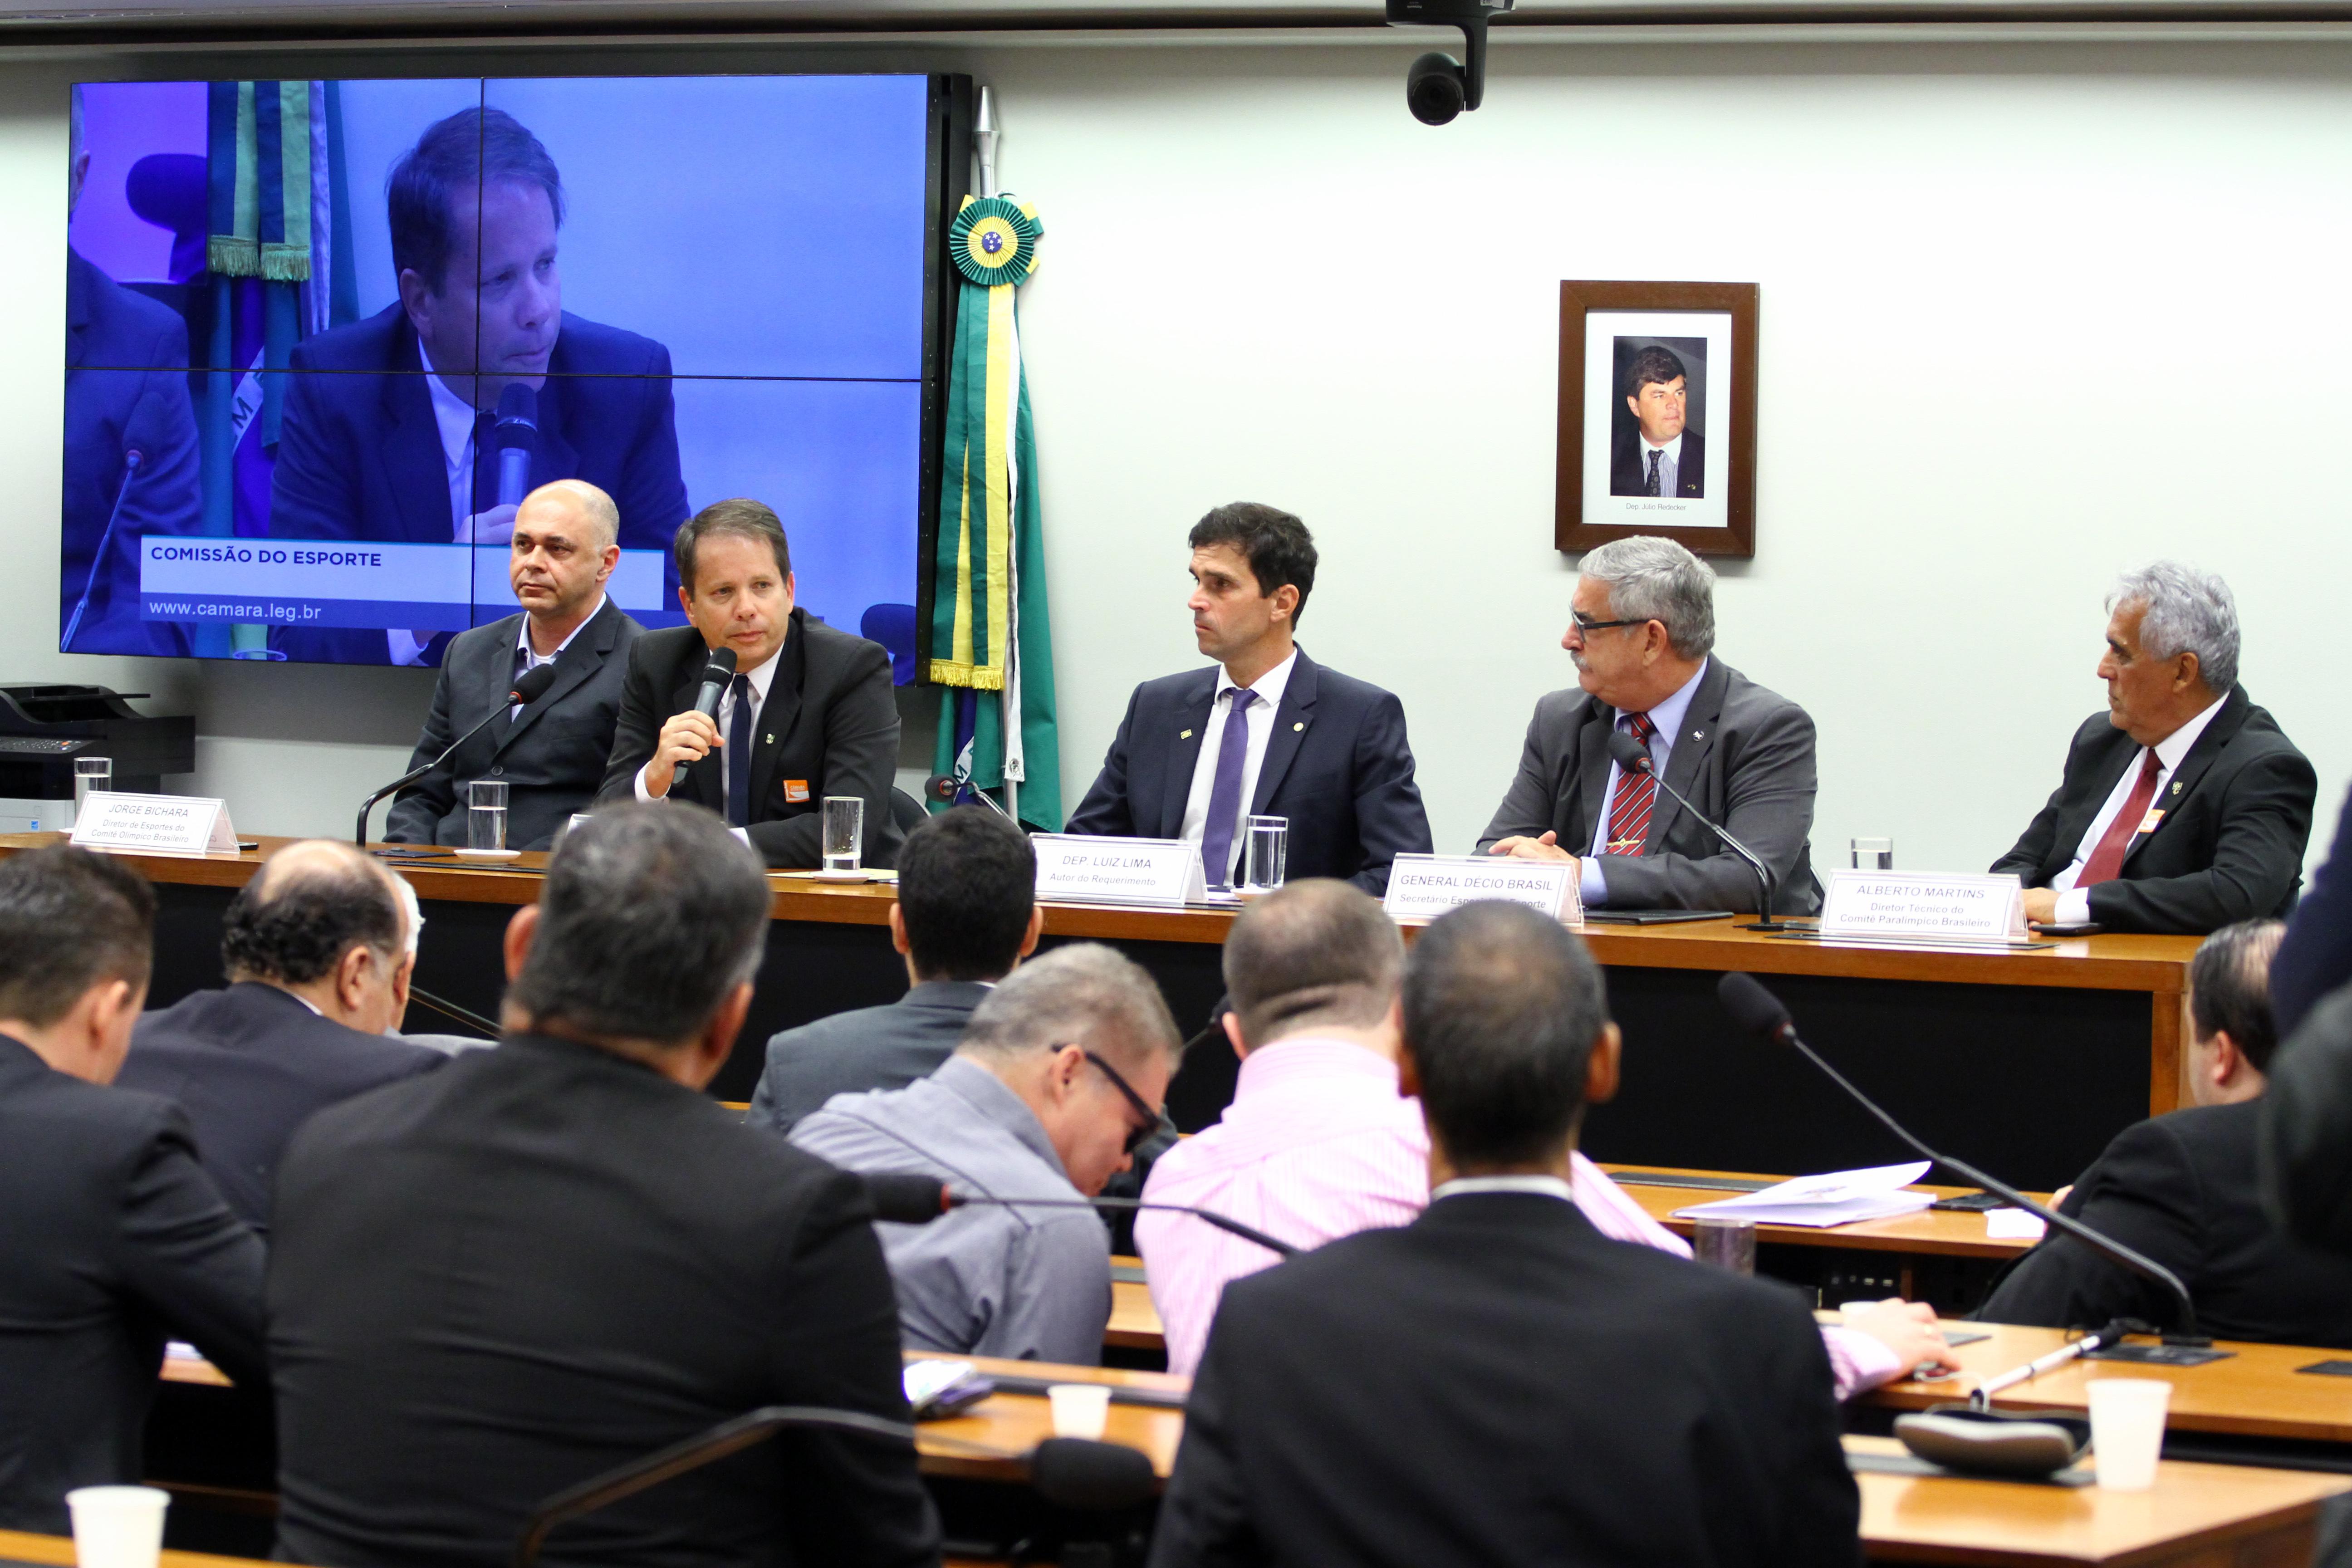 Audiência pública para a preparação das delegações para os Jogos Olímpicos e Paralímpicos de 2020